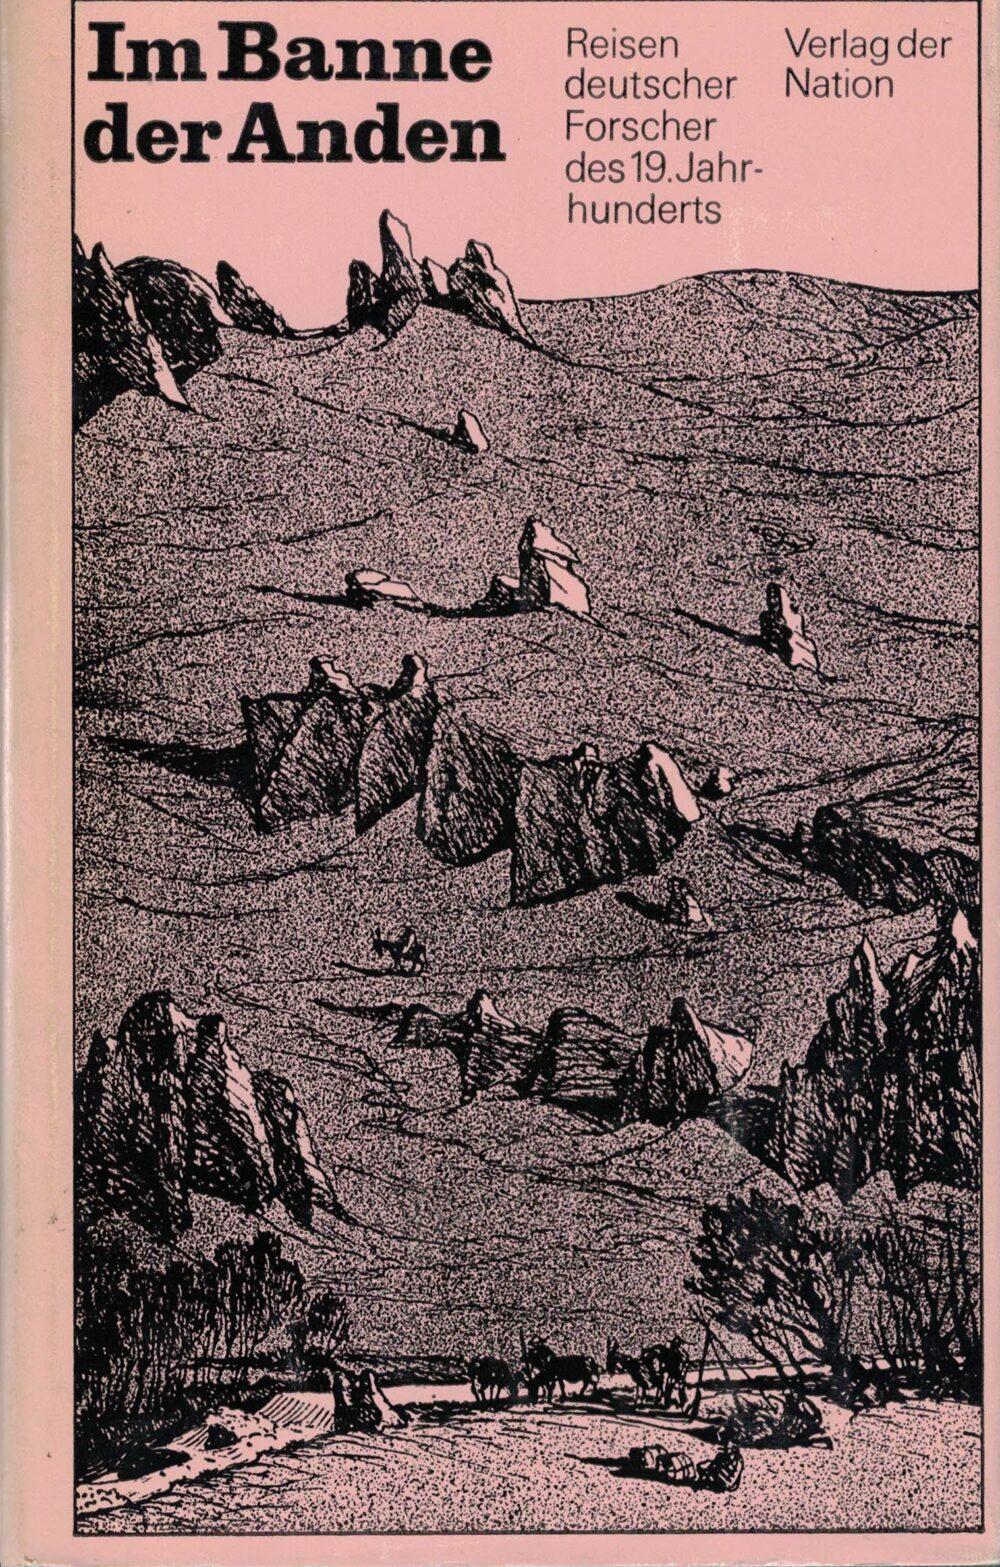 Im Banne der Anden - Reisen deutscher Forscher des 19. Jahrhunderts